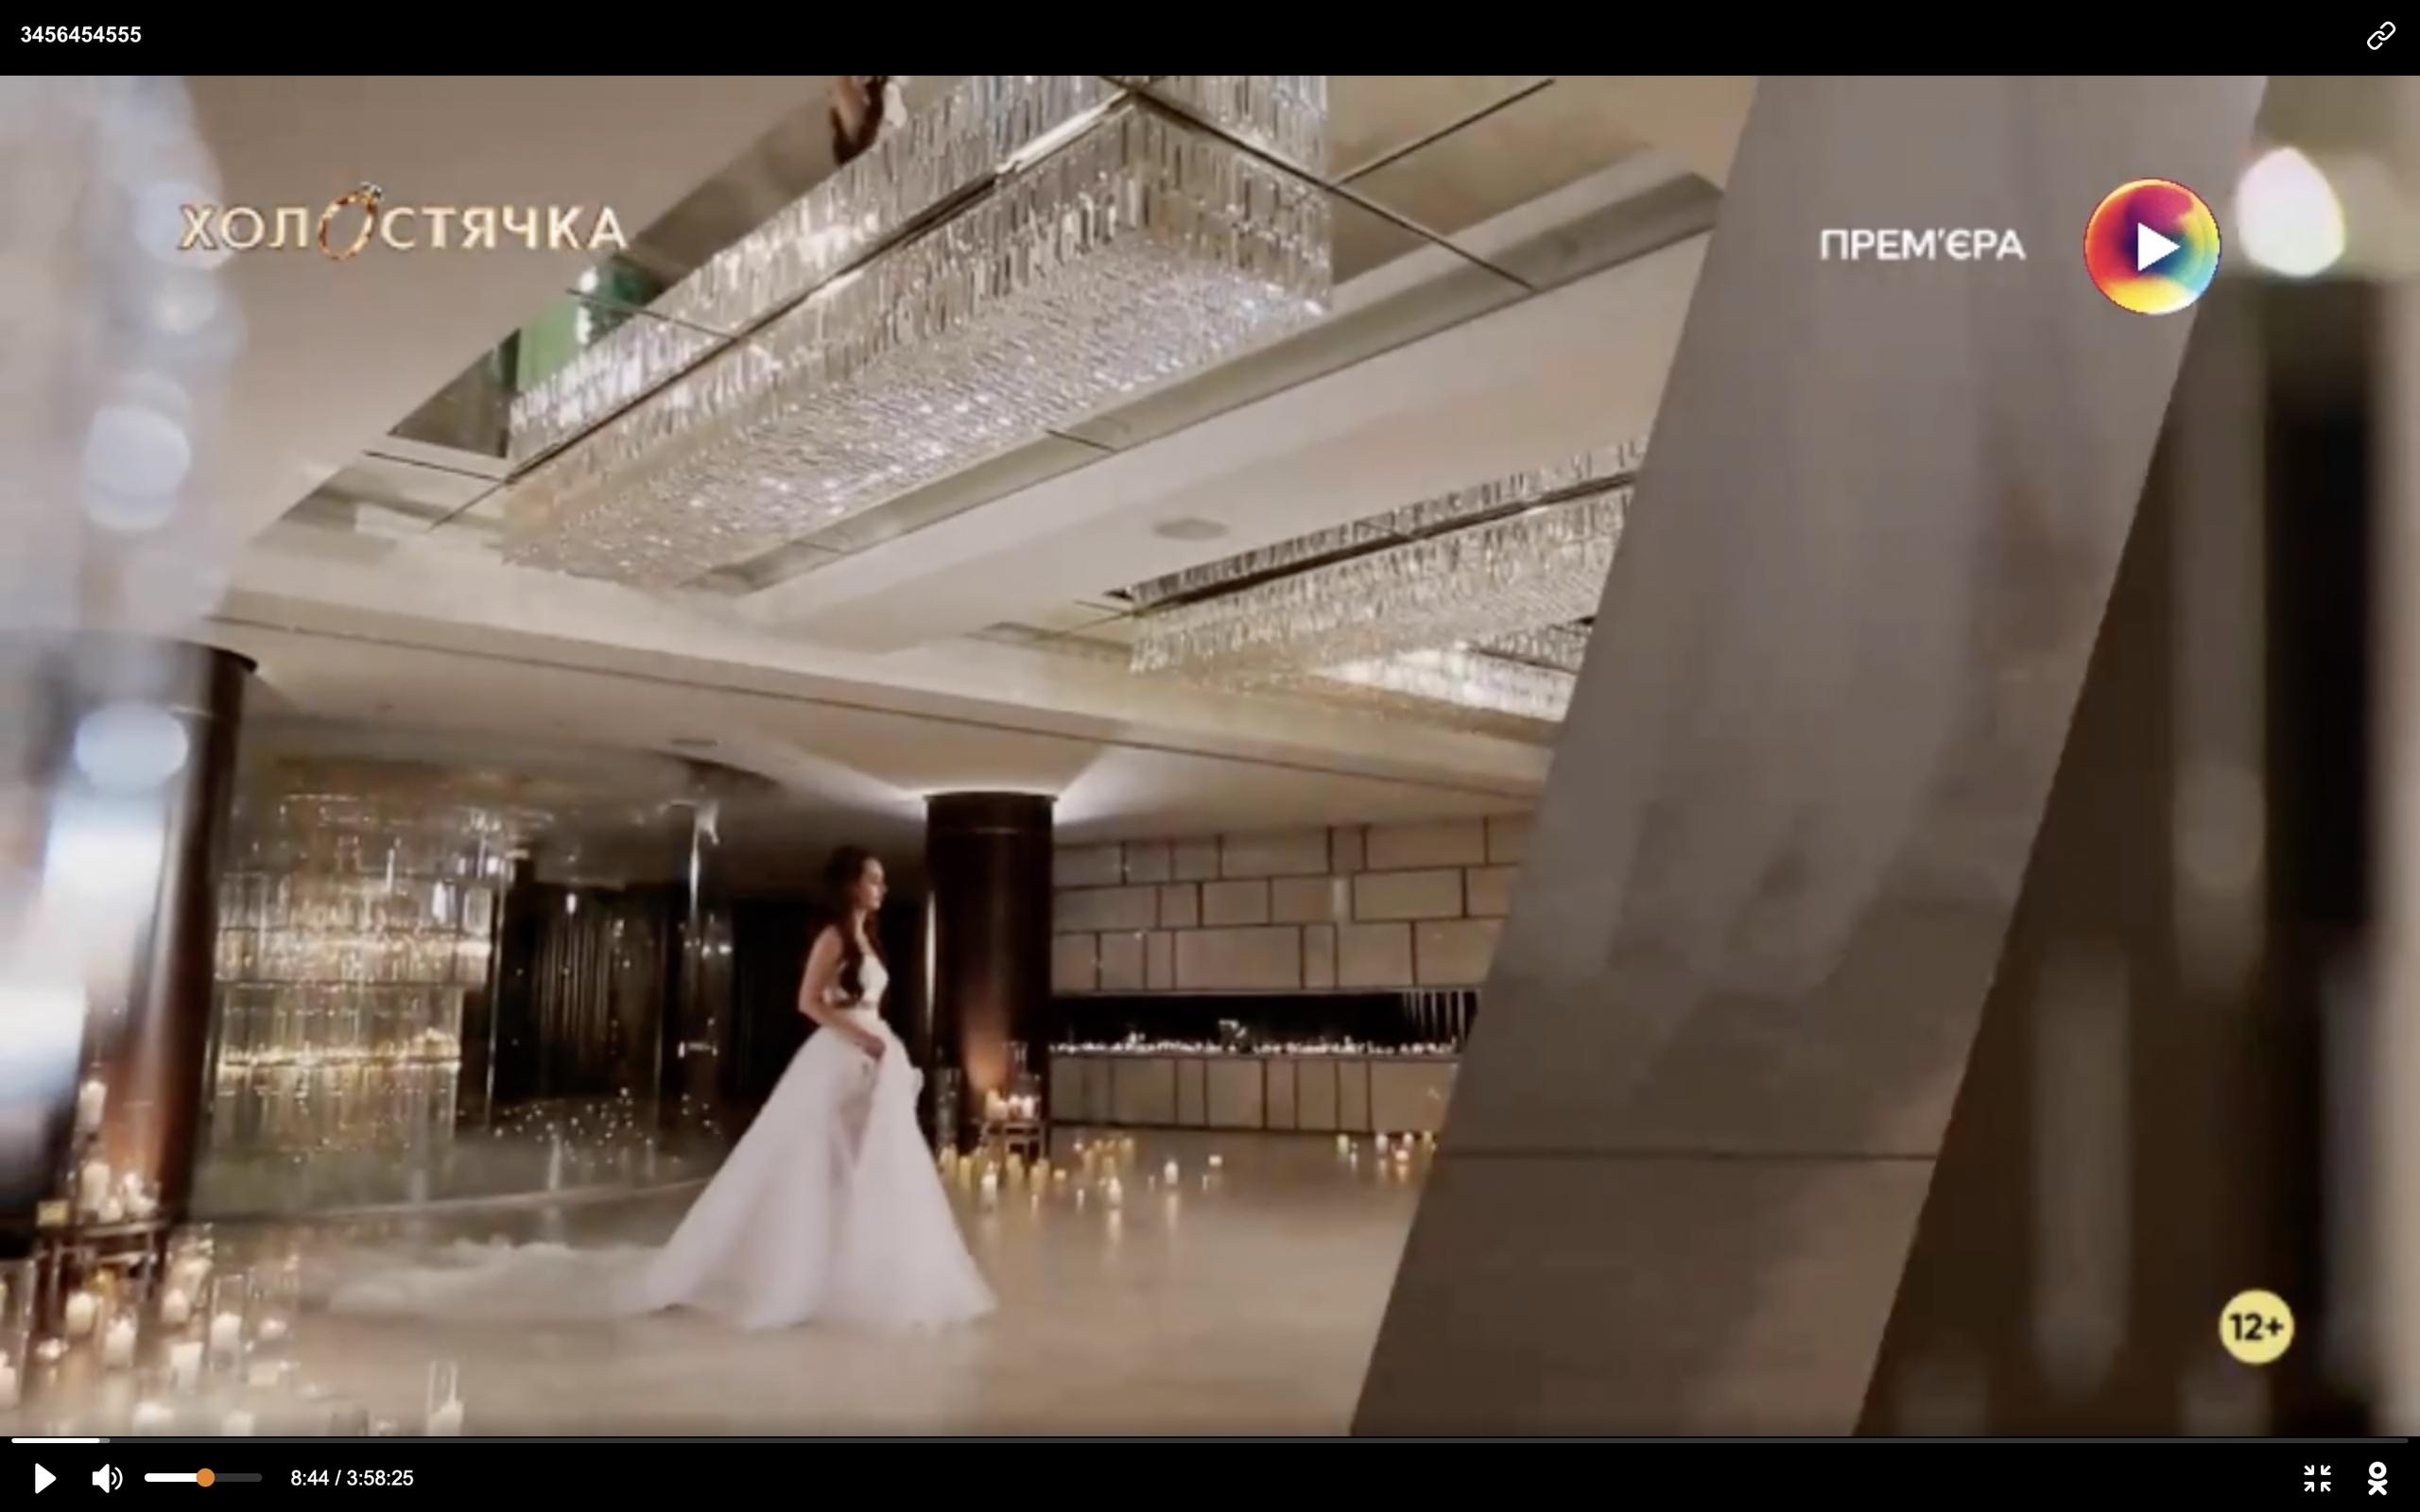 Bachelorette Ukraine - Season 1 - Ksenia Mishina - Discussion - *Sleuthing Spoilers* - Page 11 IqgzMd3MWzI